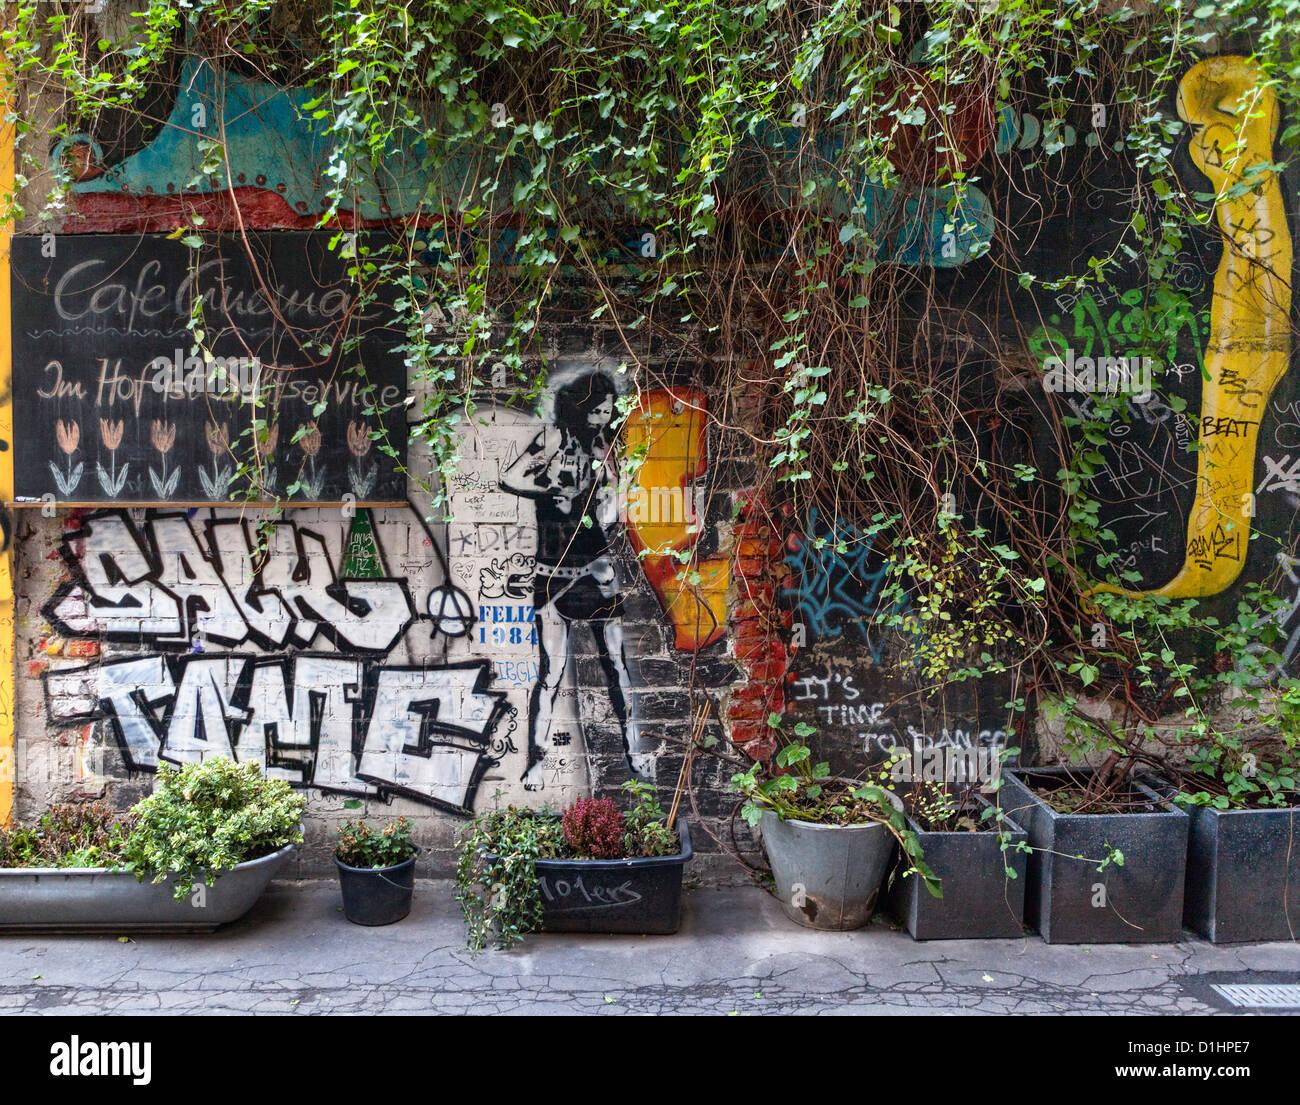 Cafe Wall Art Fotos E Imagenes De Stock Alamy